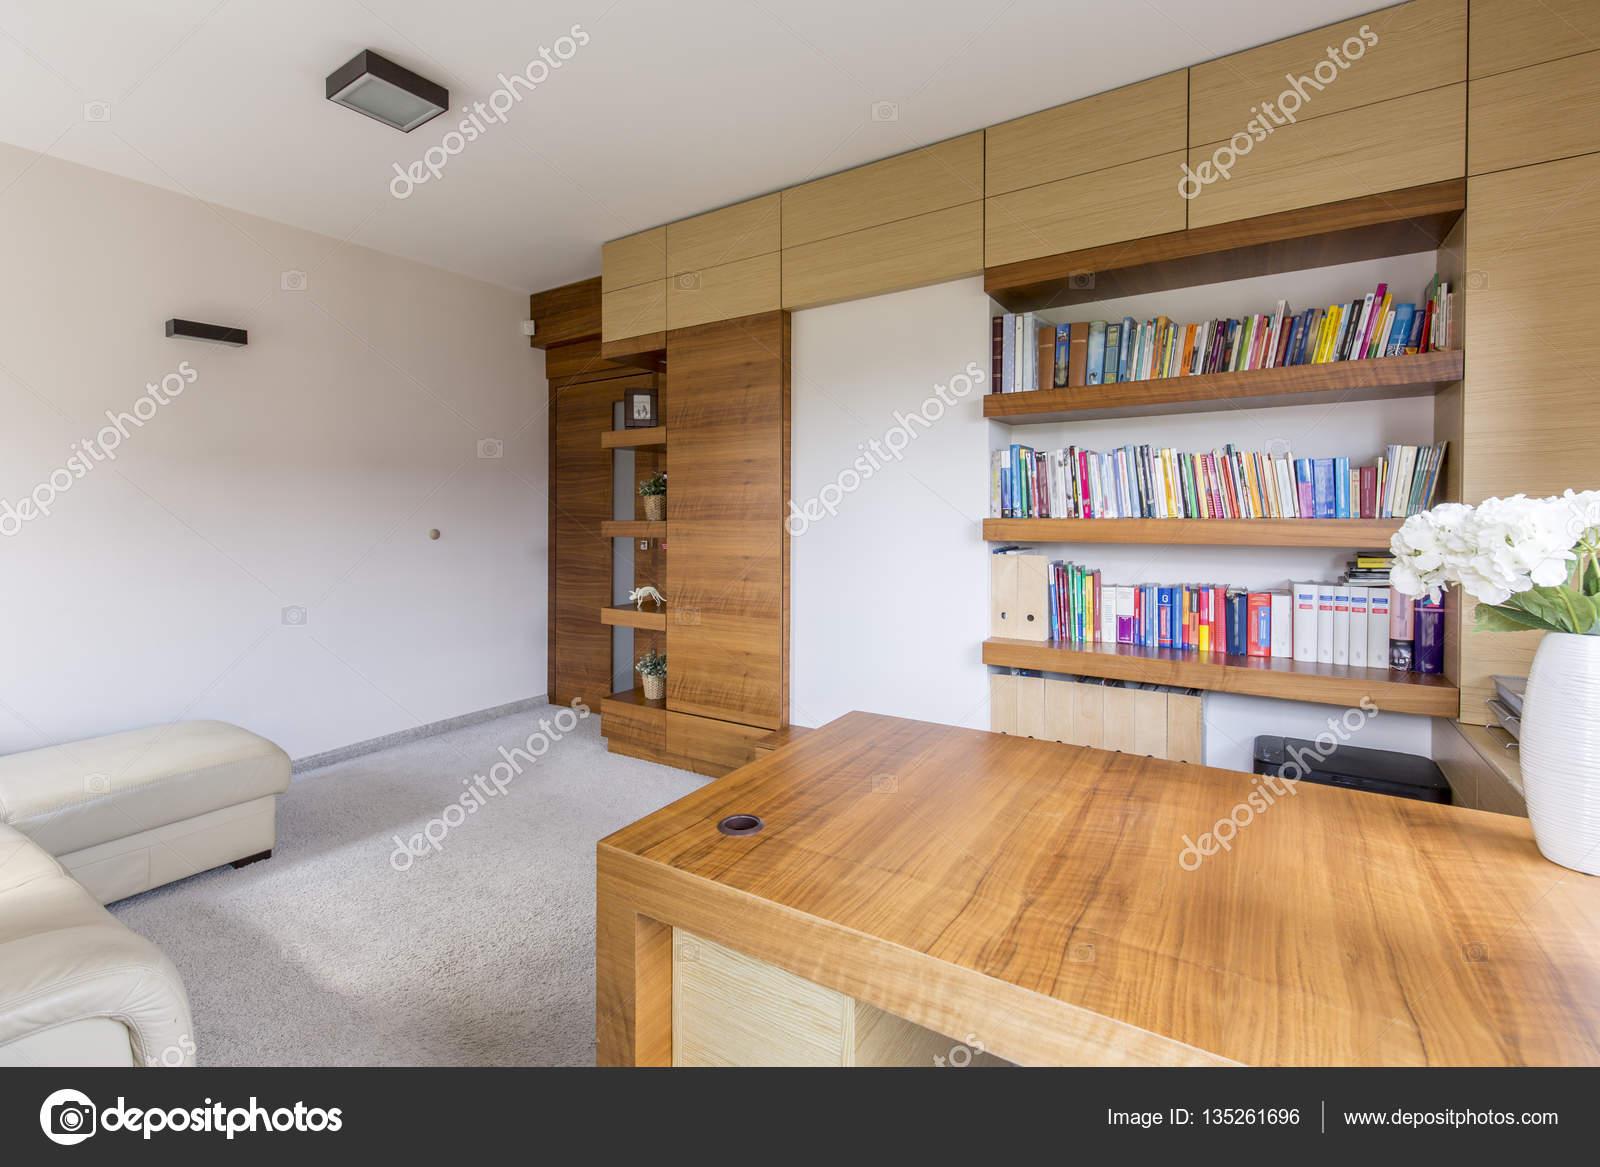 Woonkamer Met Boekenkast : Boekenkasten